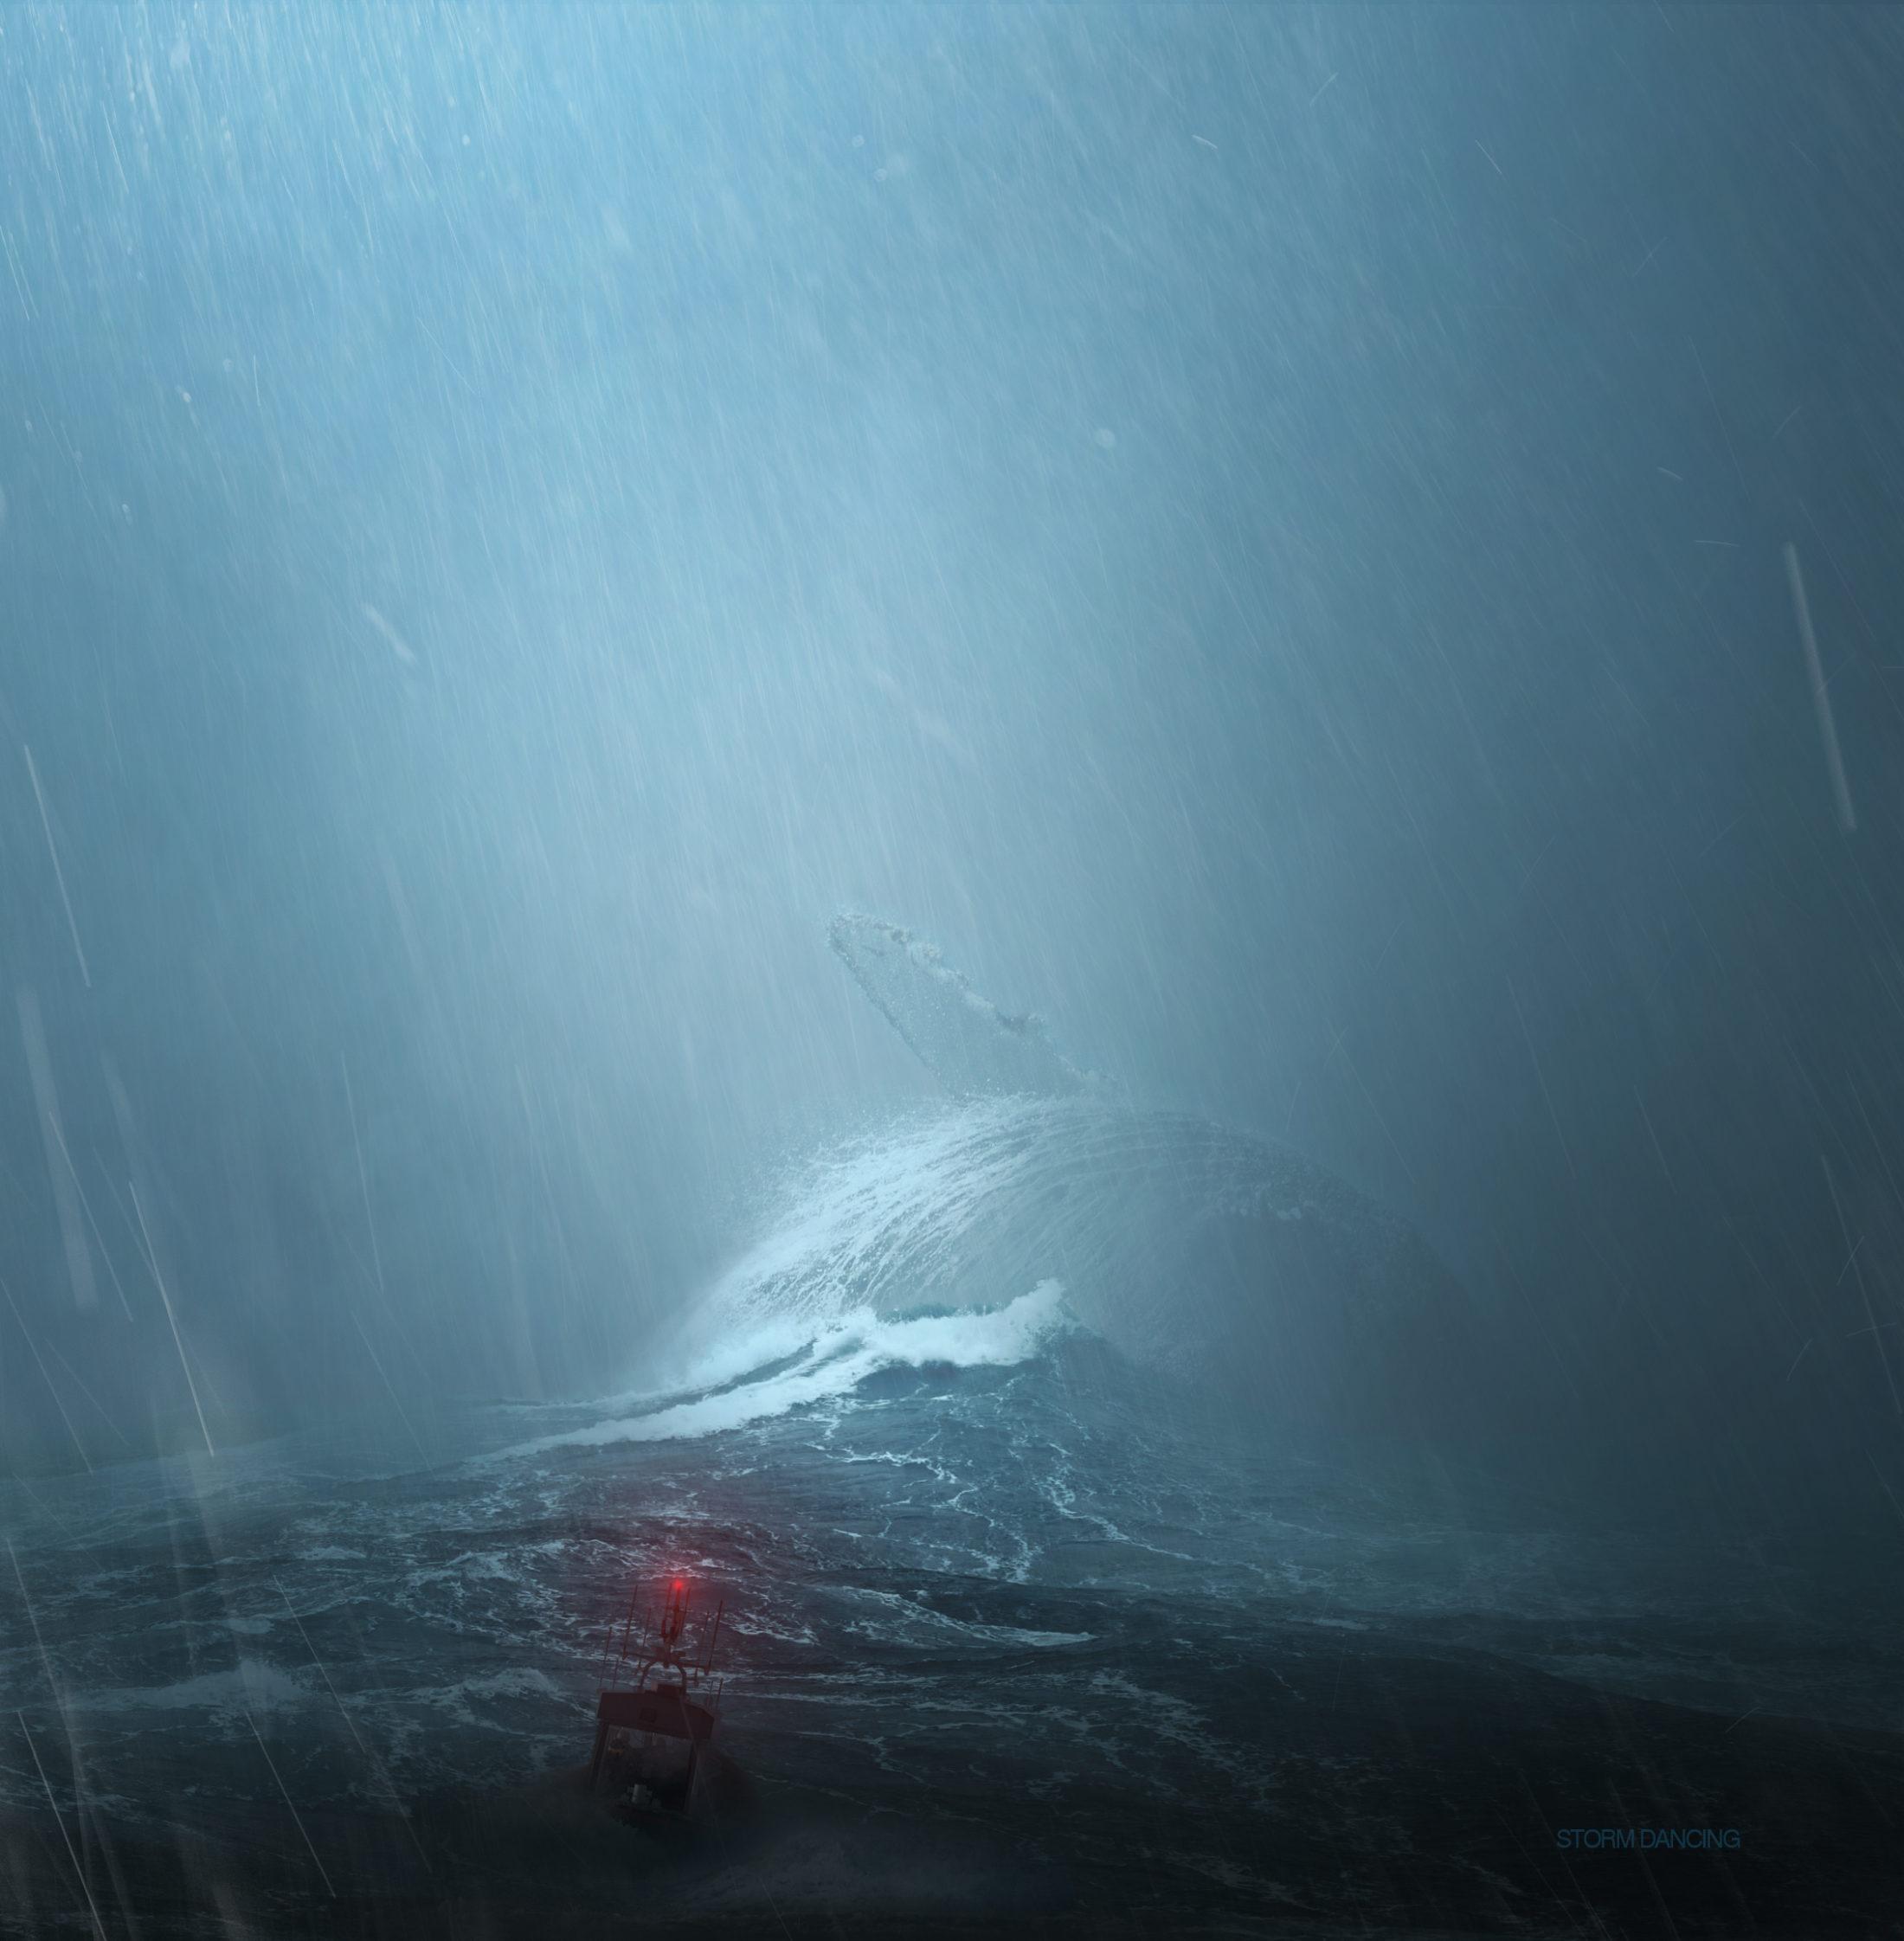 Stormdancing